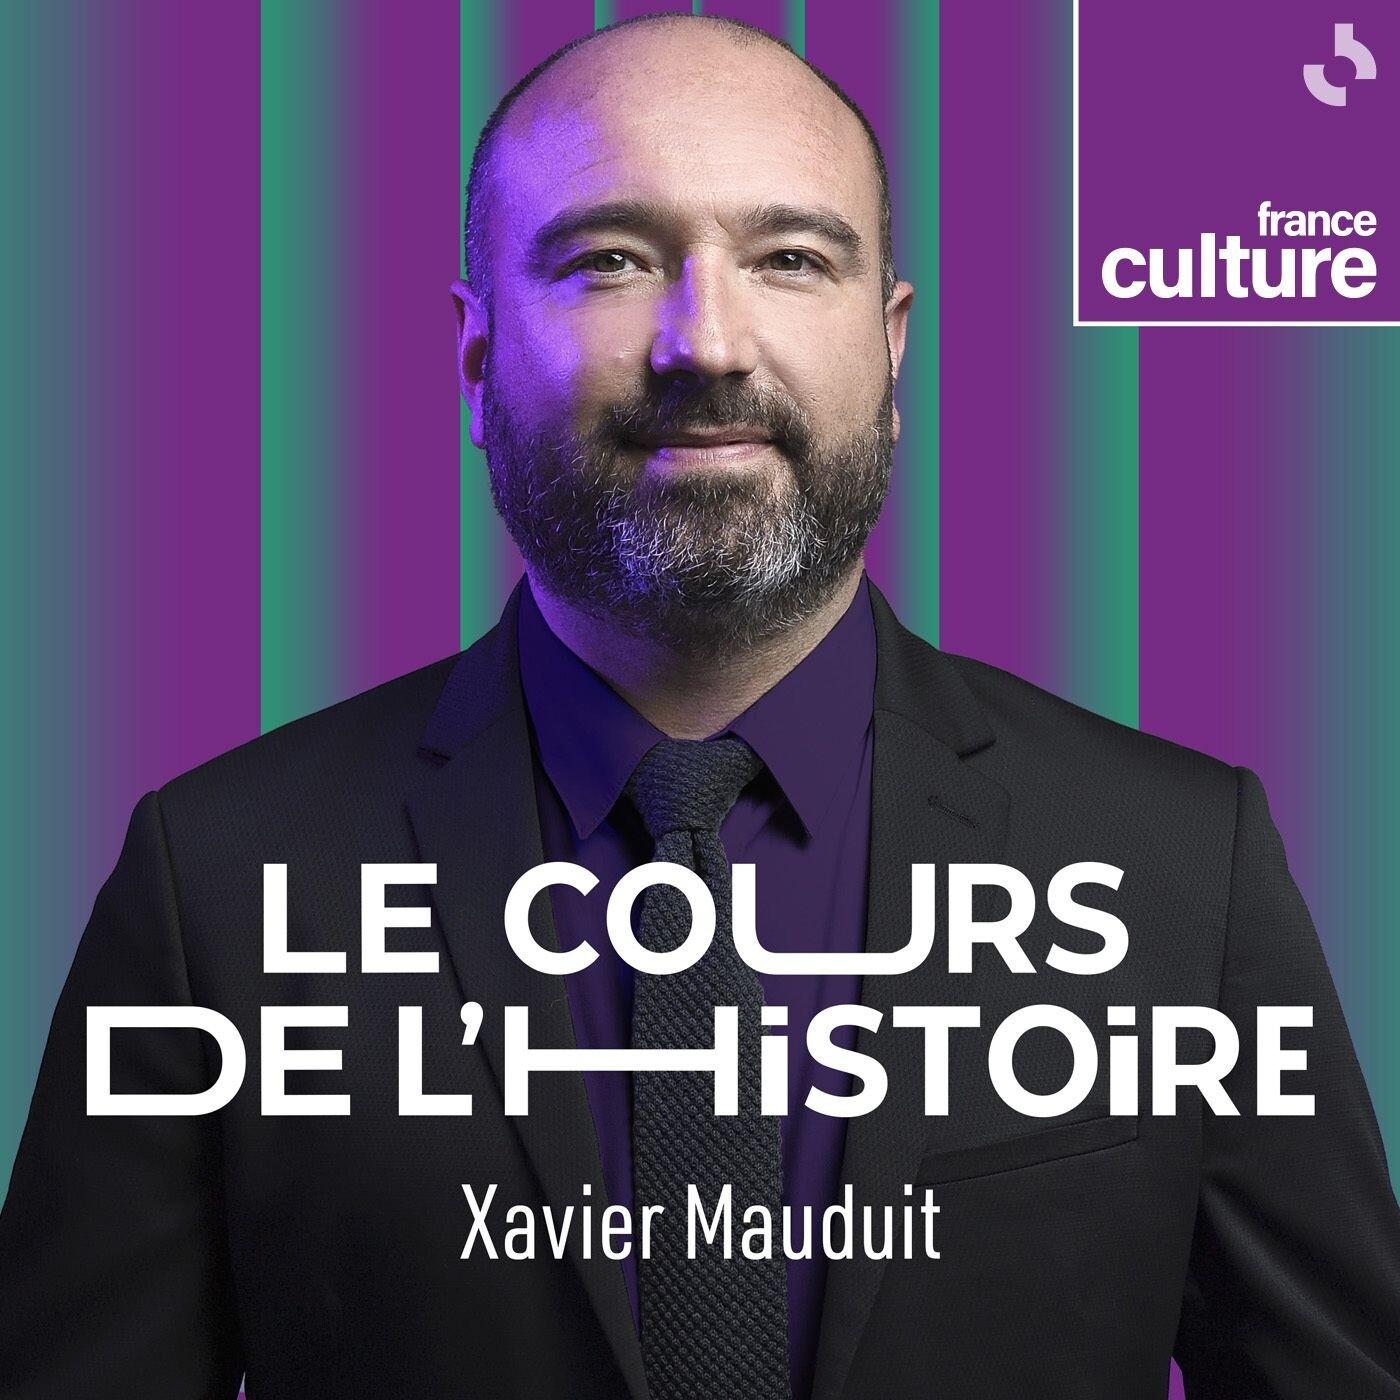 Documentaire / la fabrique de l' histoire 24.08.2017